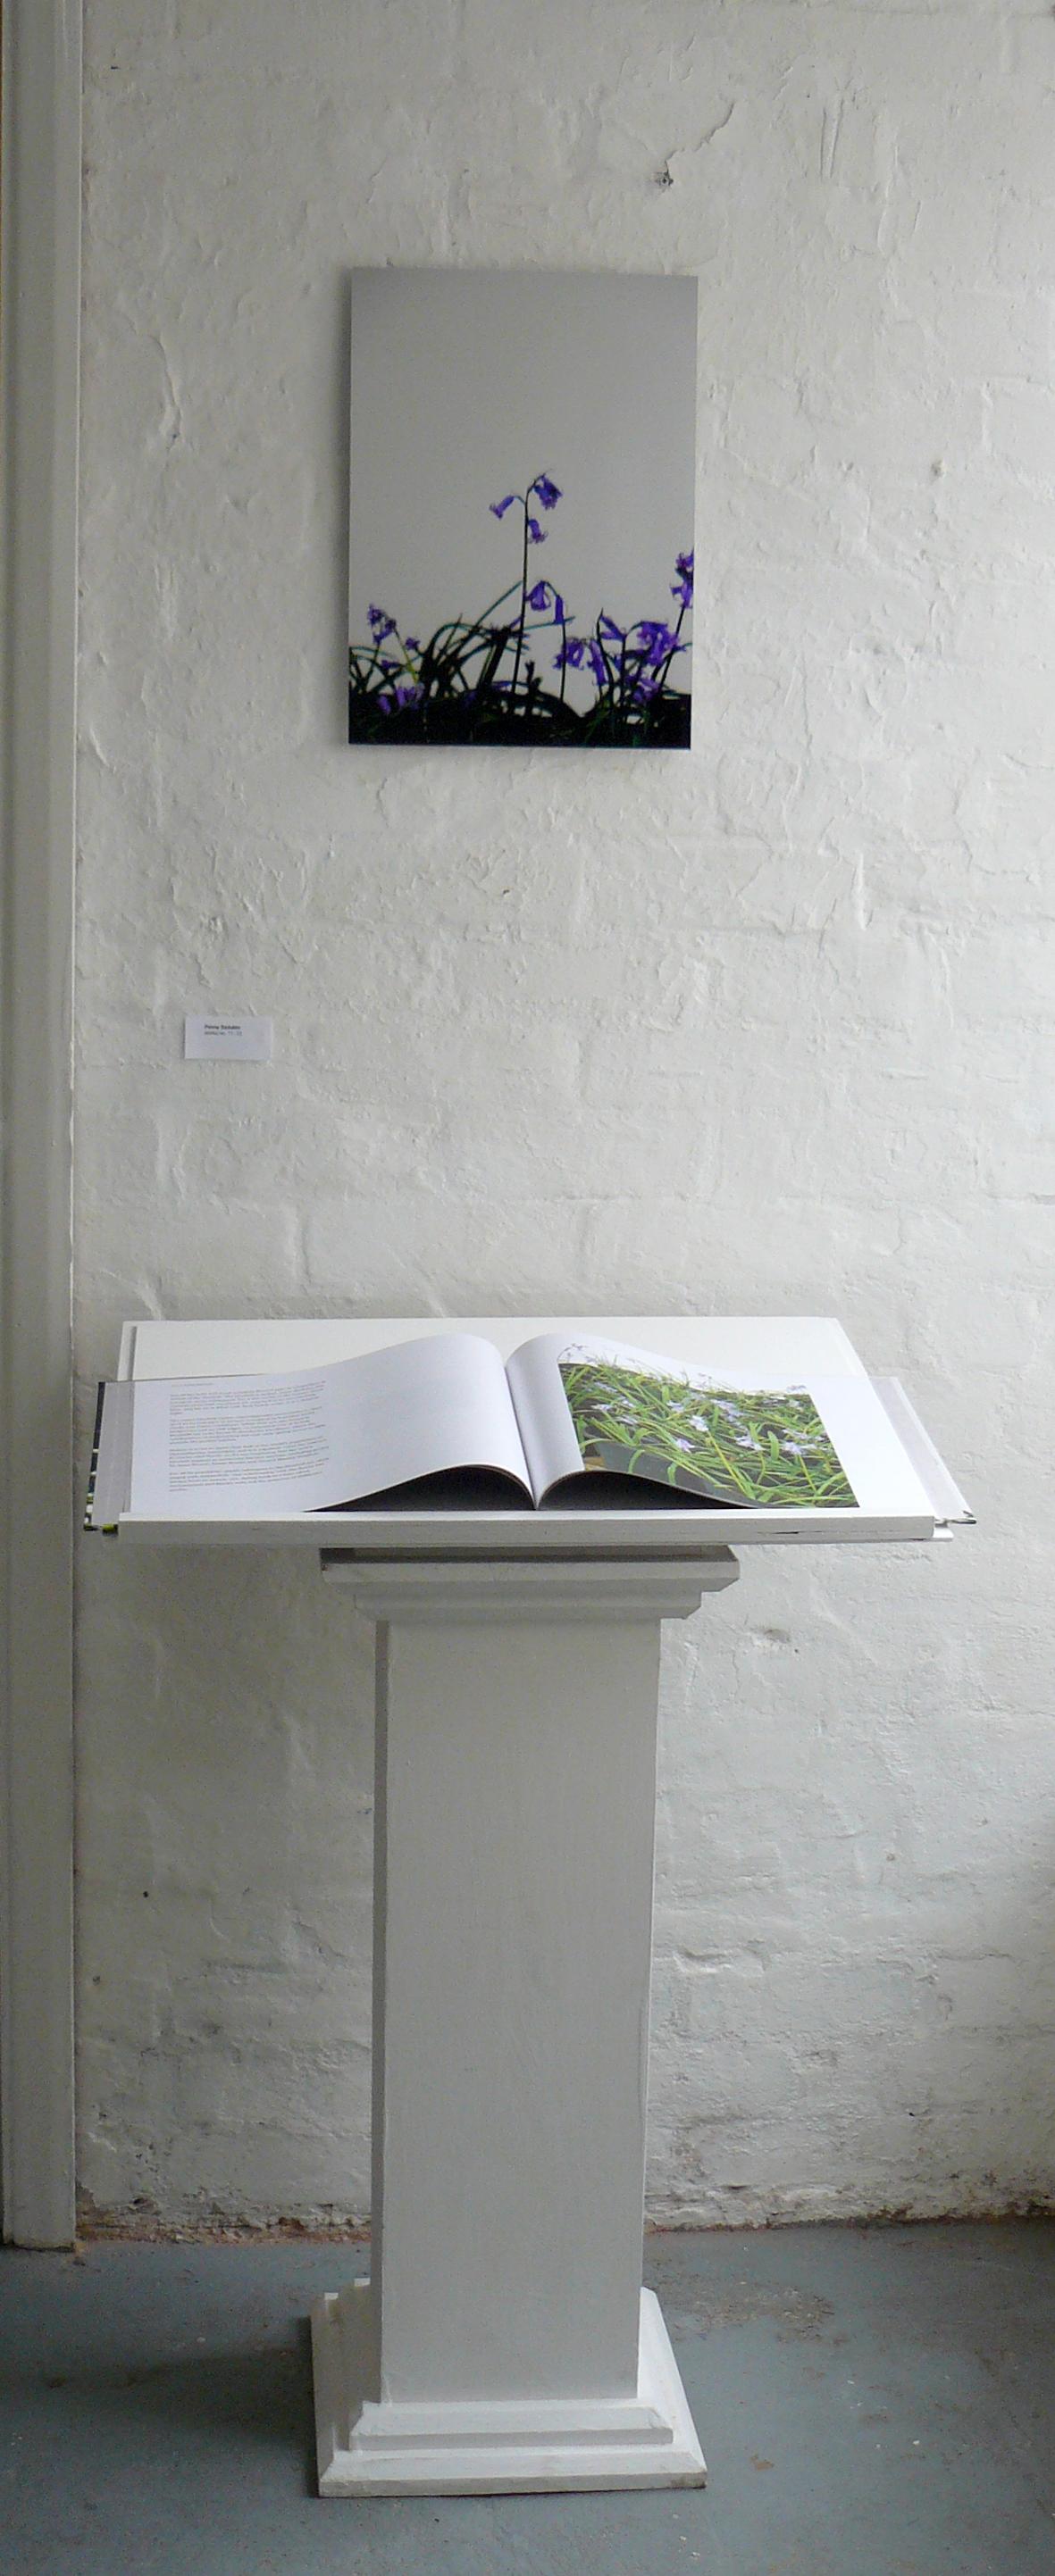 Bluebells 2011 installation view